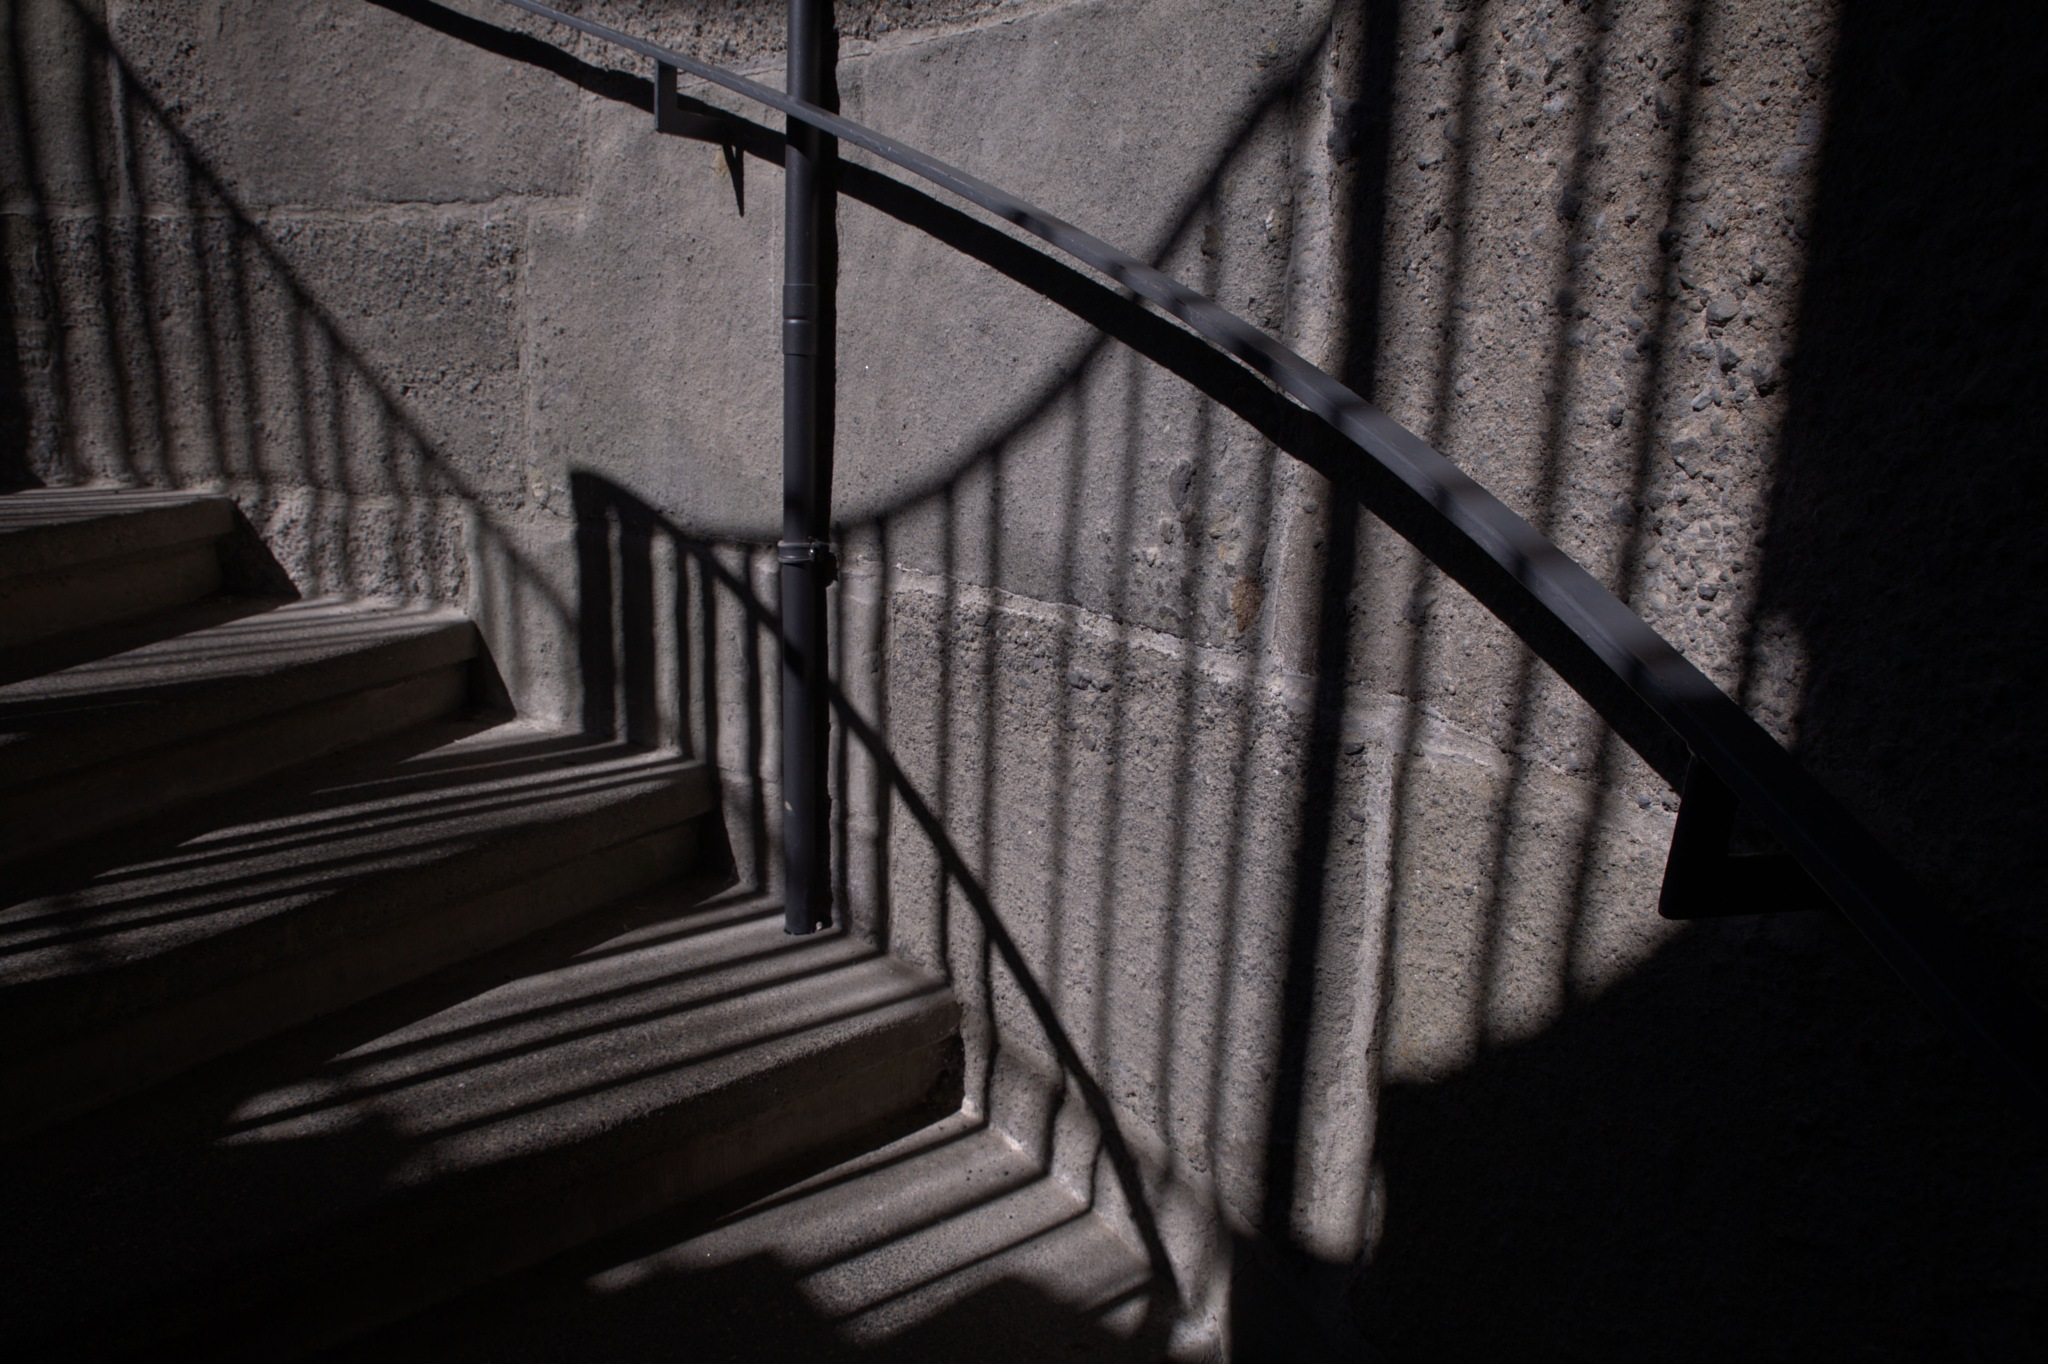 Licht und Schatten by Rolf-Dieter Balindt